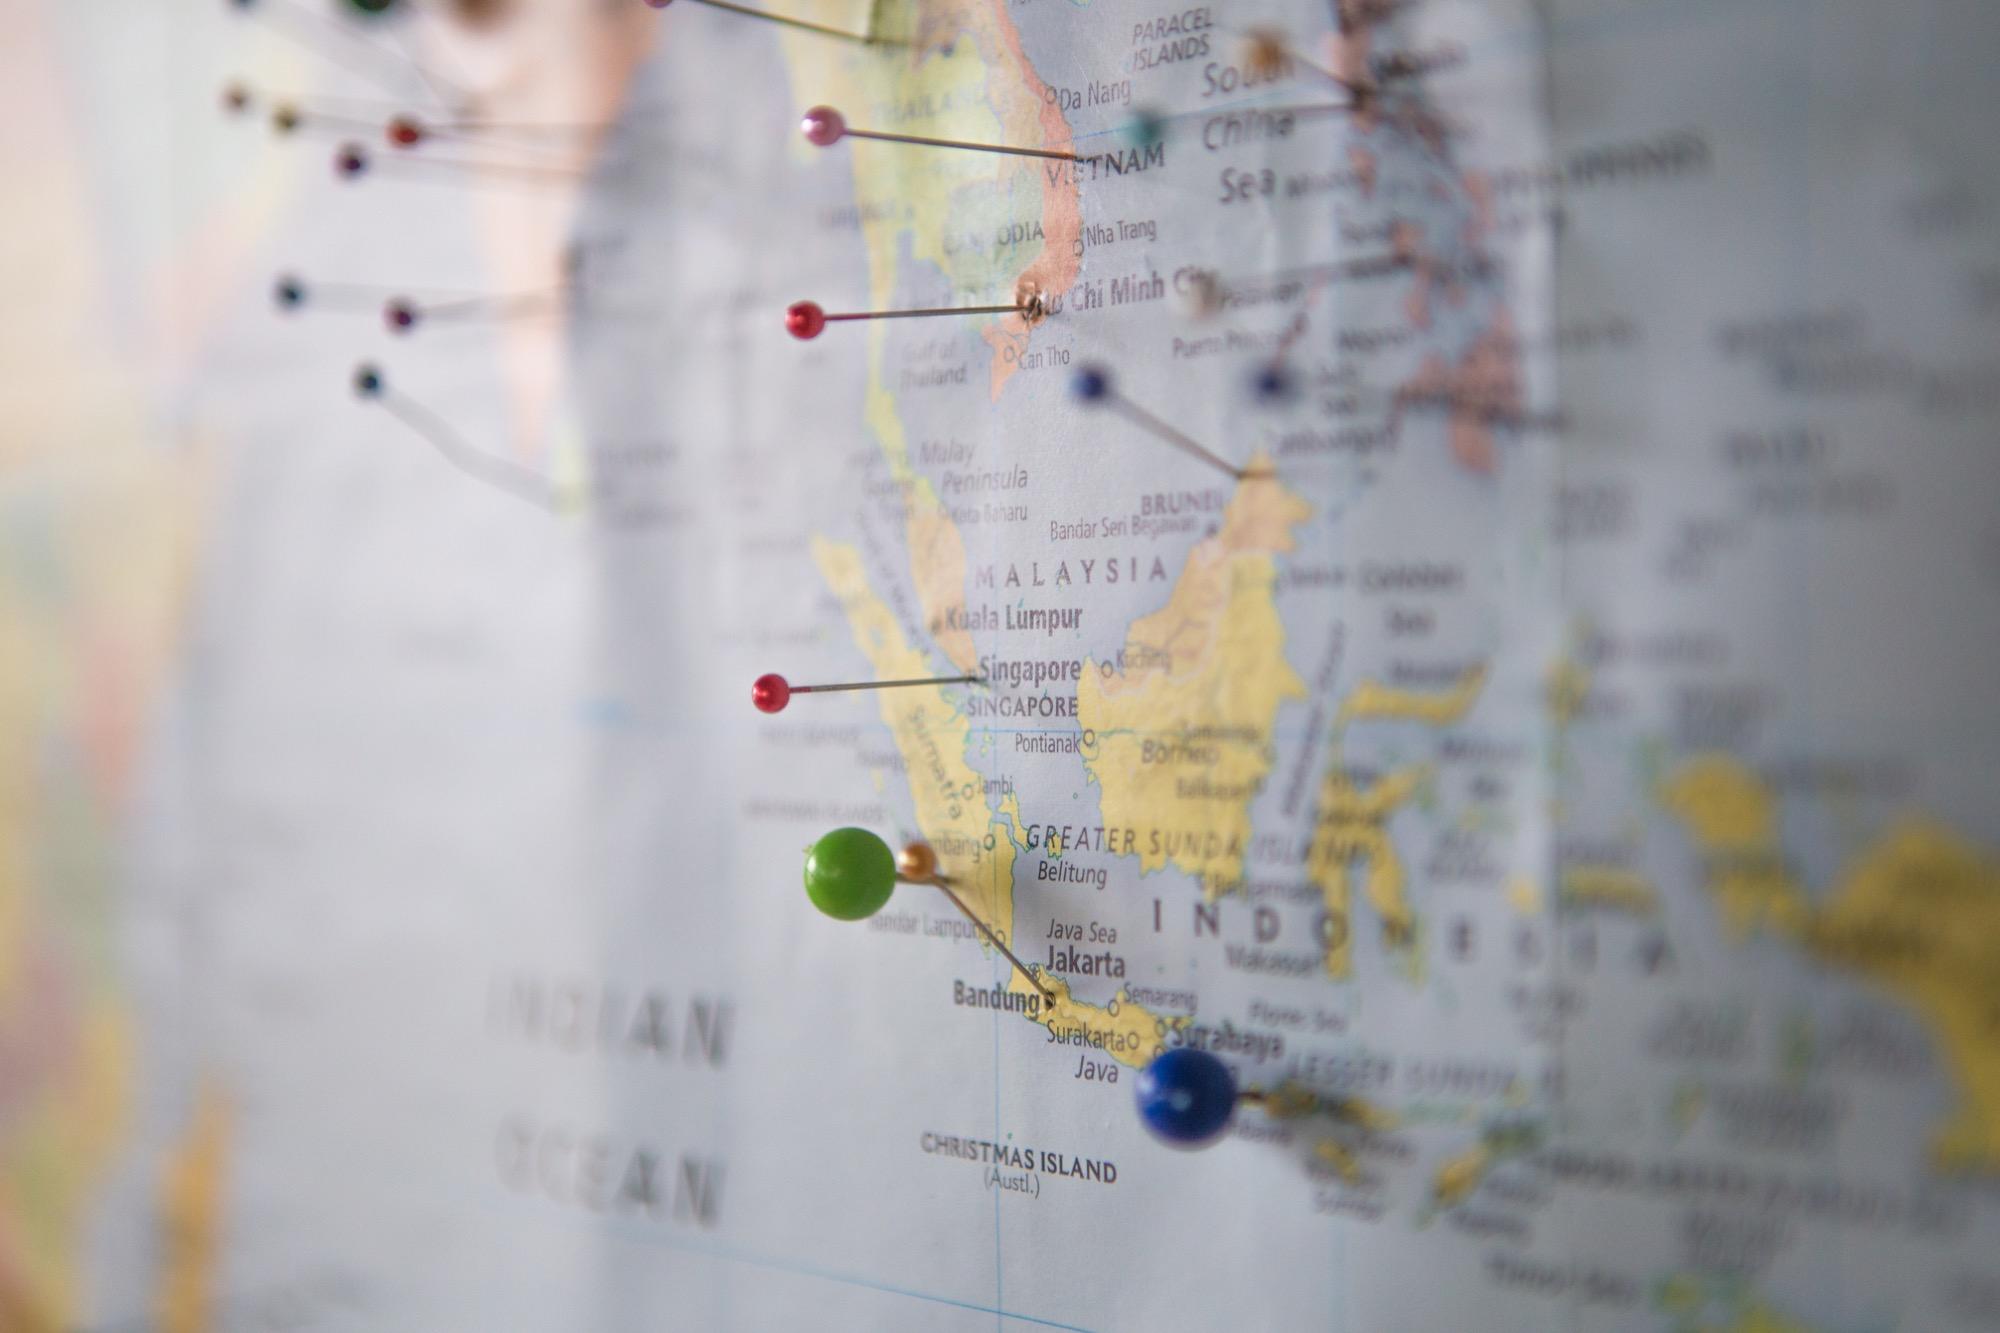 Xem tất cả các địa điểm thử nghiệm COVIDs19 địa phương trên một bản đồ.